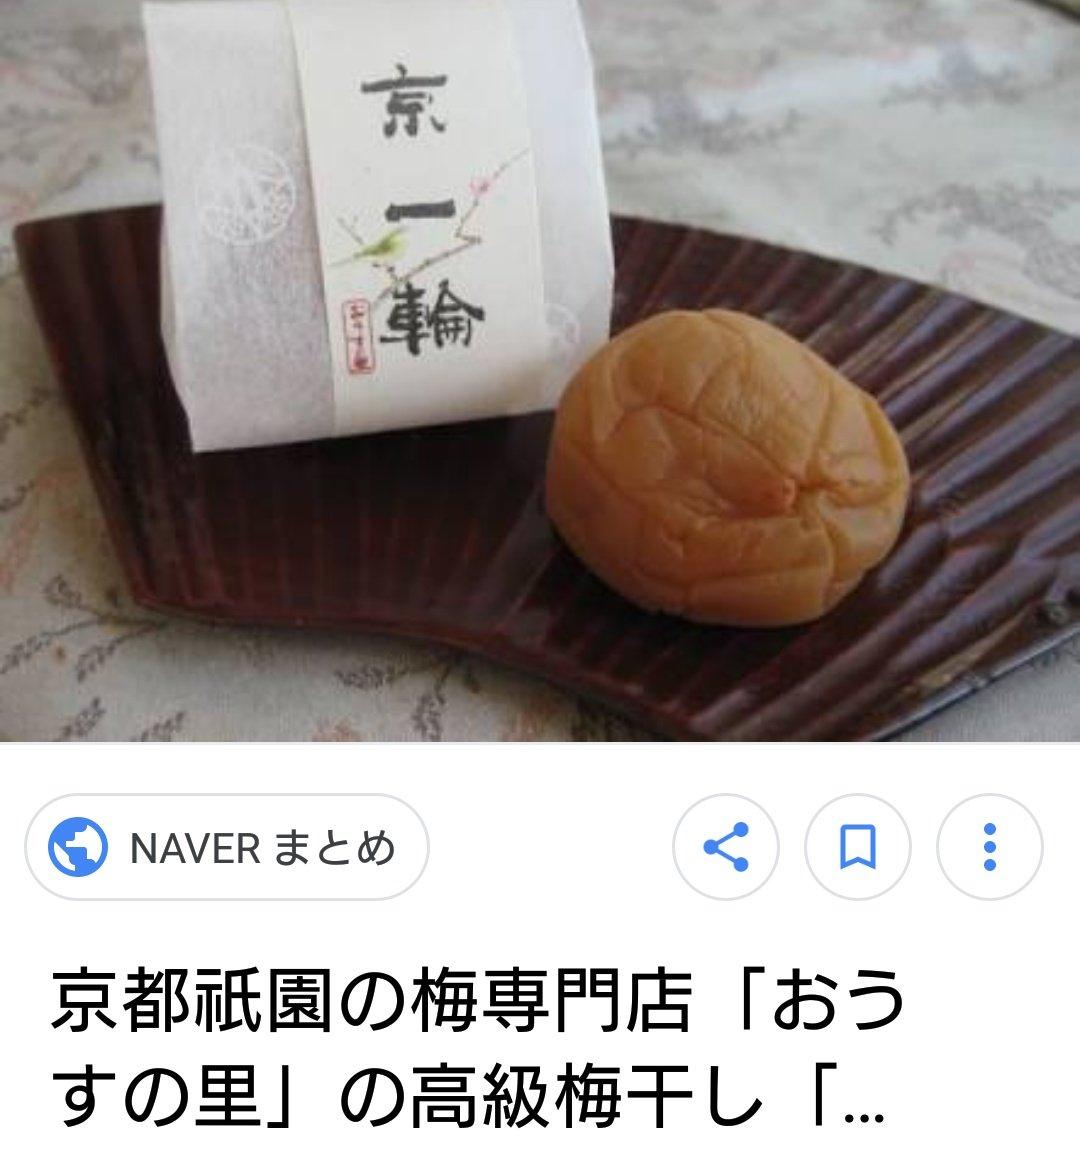 京一輪 hashtag on Twitter